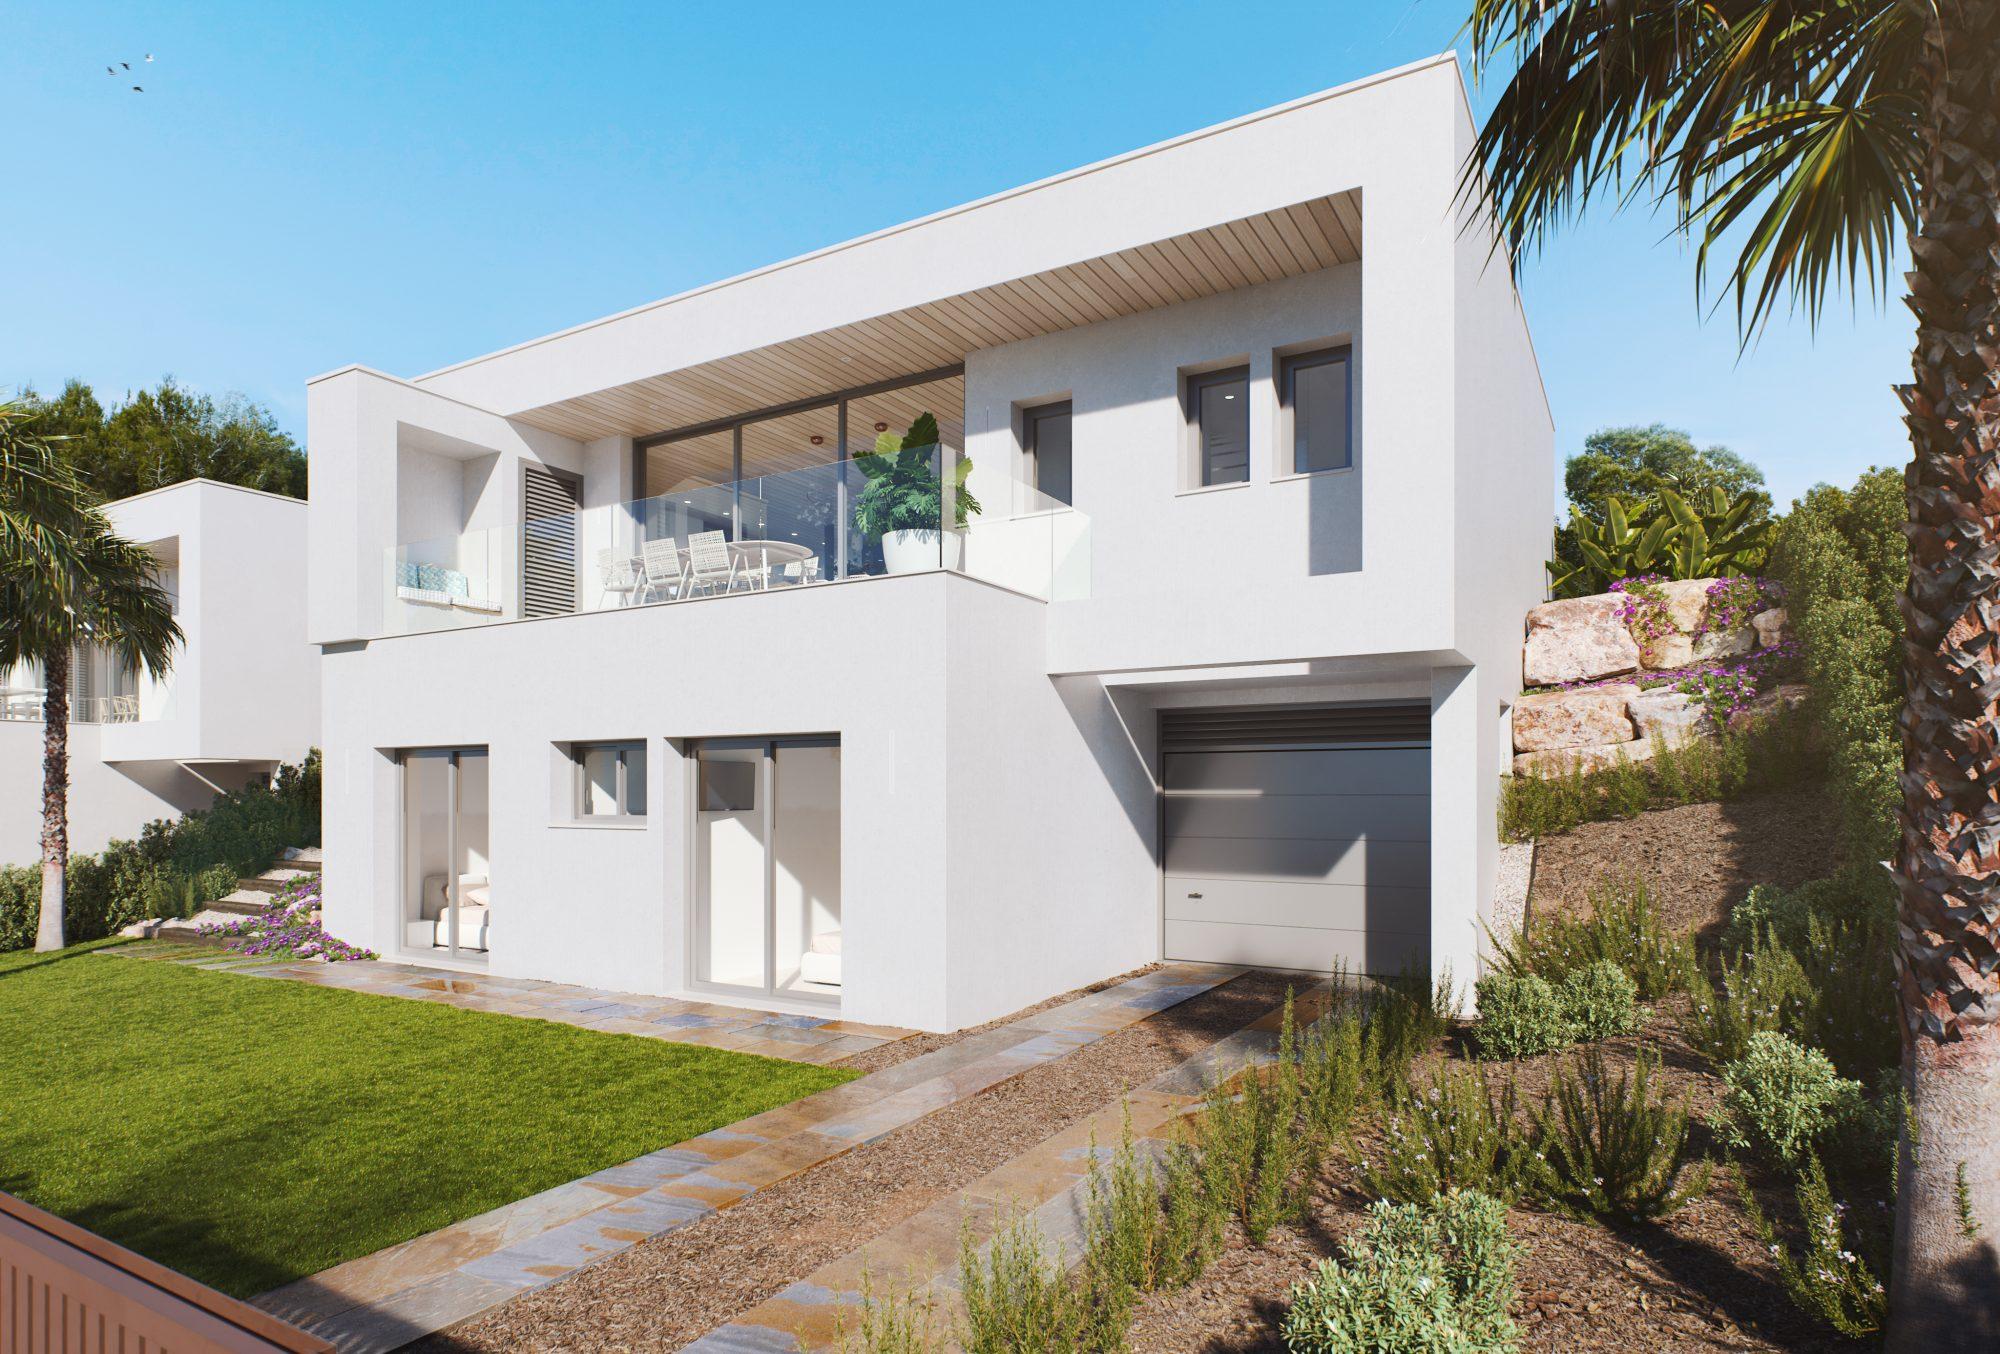 4 pièces  Maison  148 m²